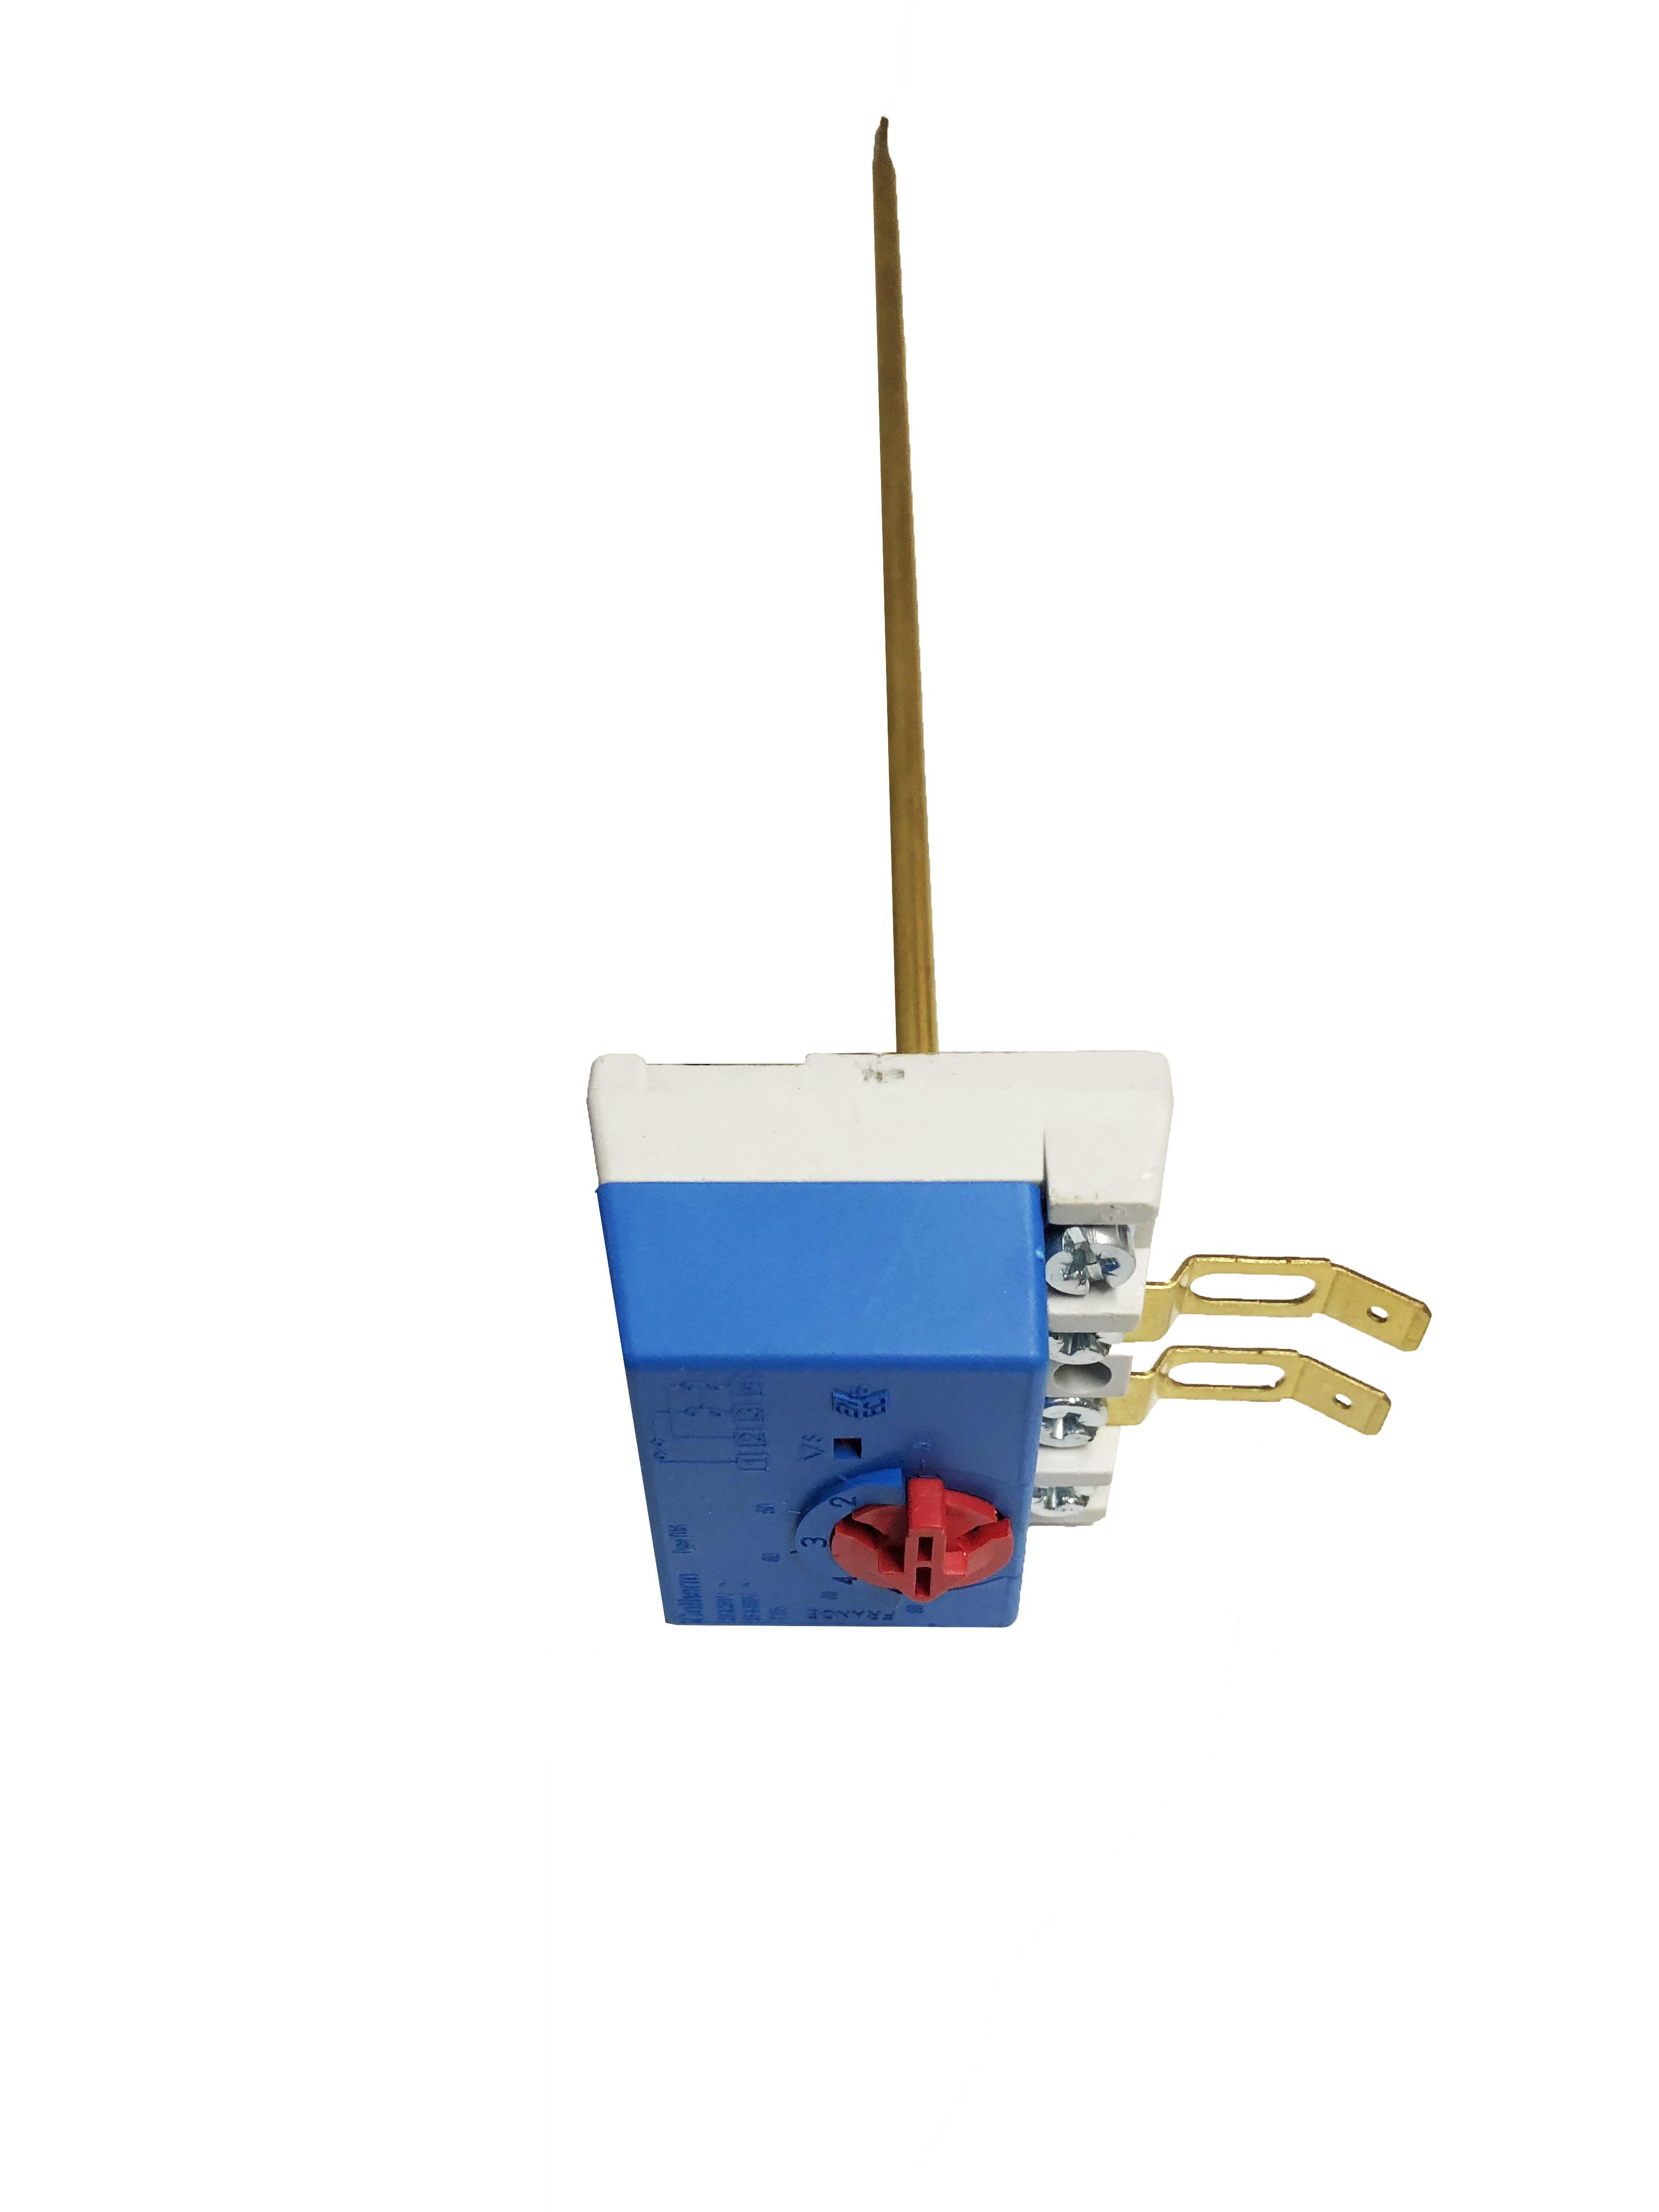 20130020 Θερμοστάτης 4 επαφών με θερμικό ασφαλείας 20 Α 230 V